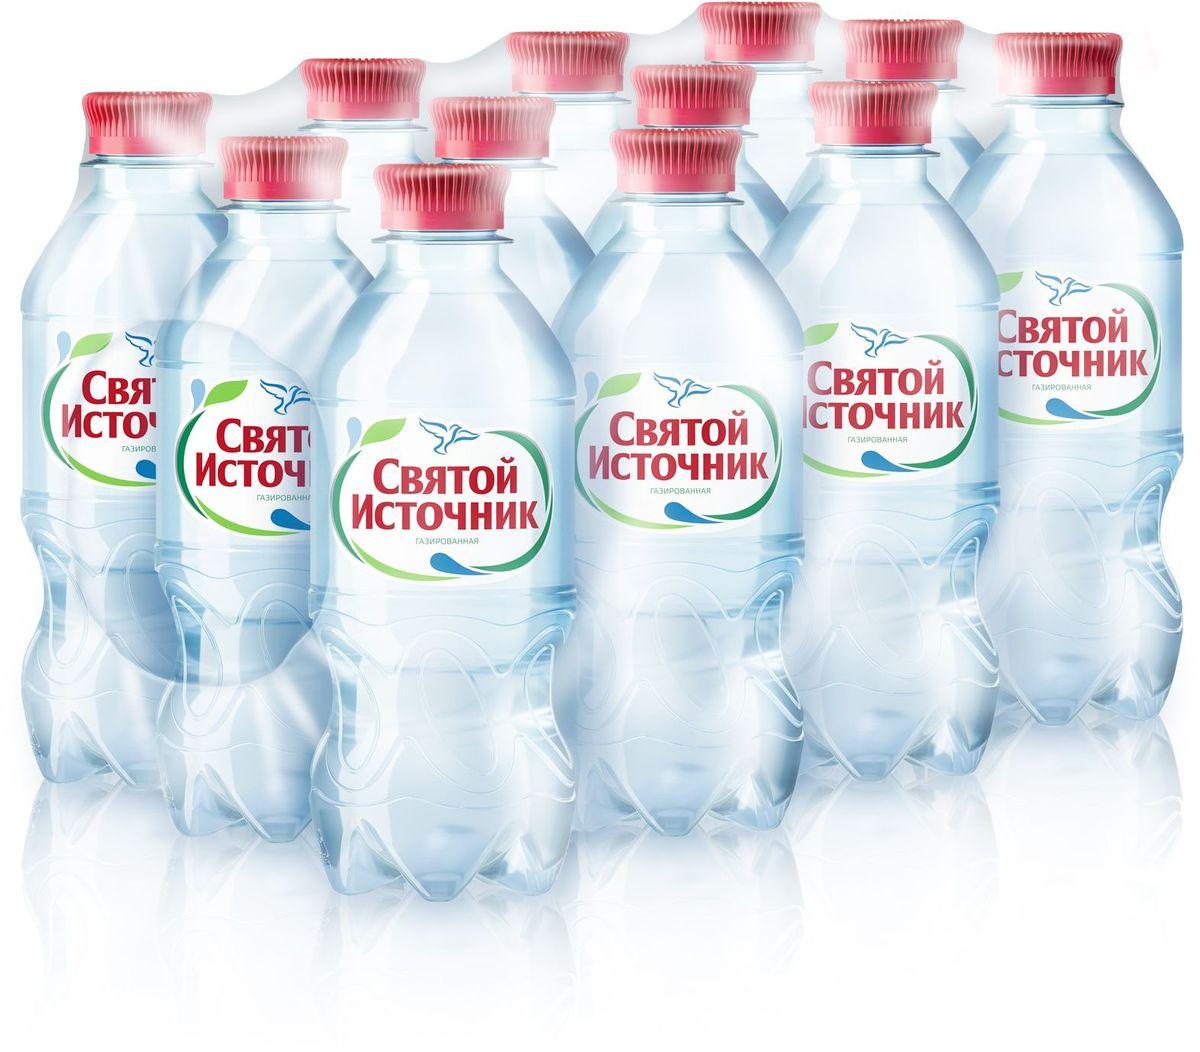 Святой Источник вода природная питьевая газированная, 12 штук по 0,33 л